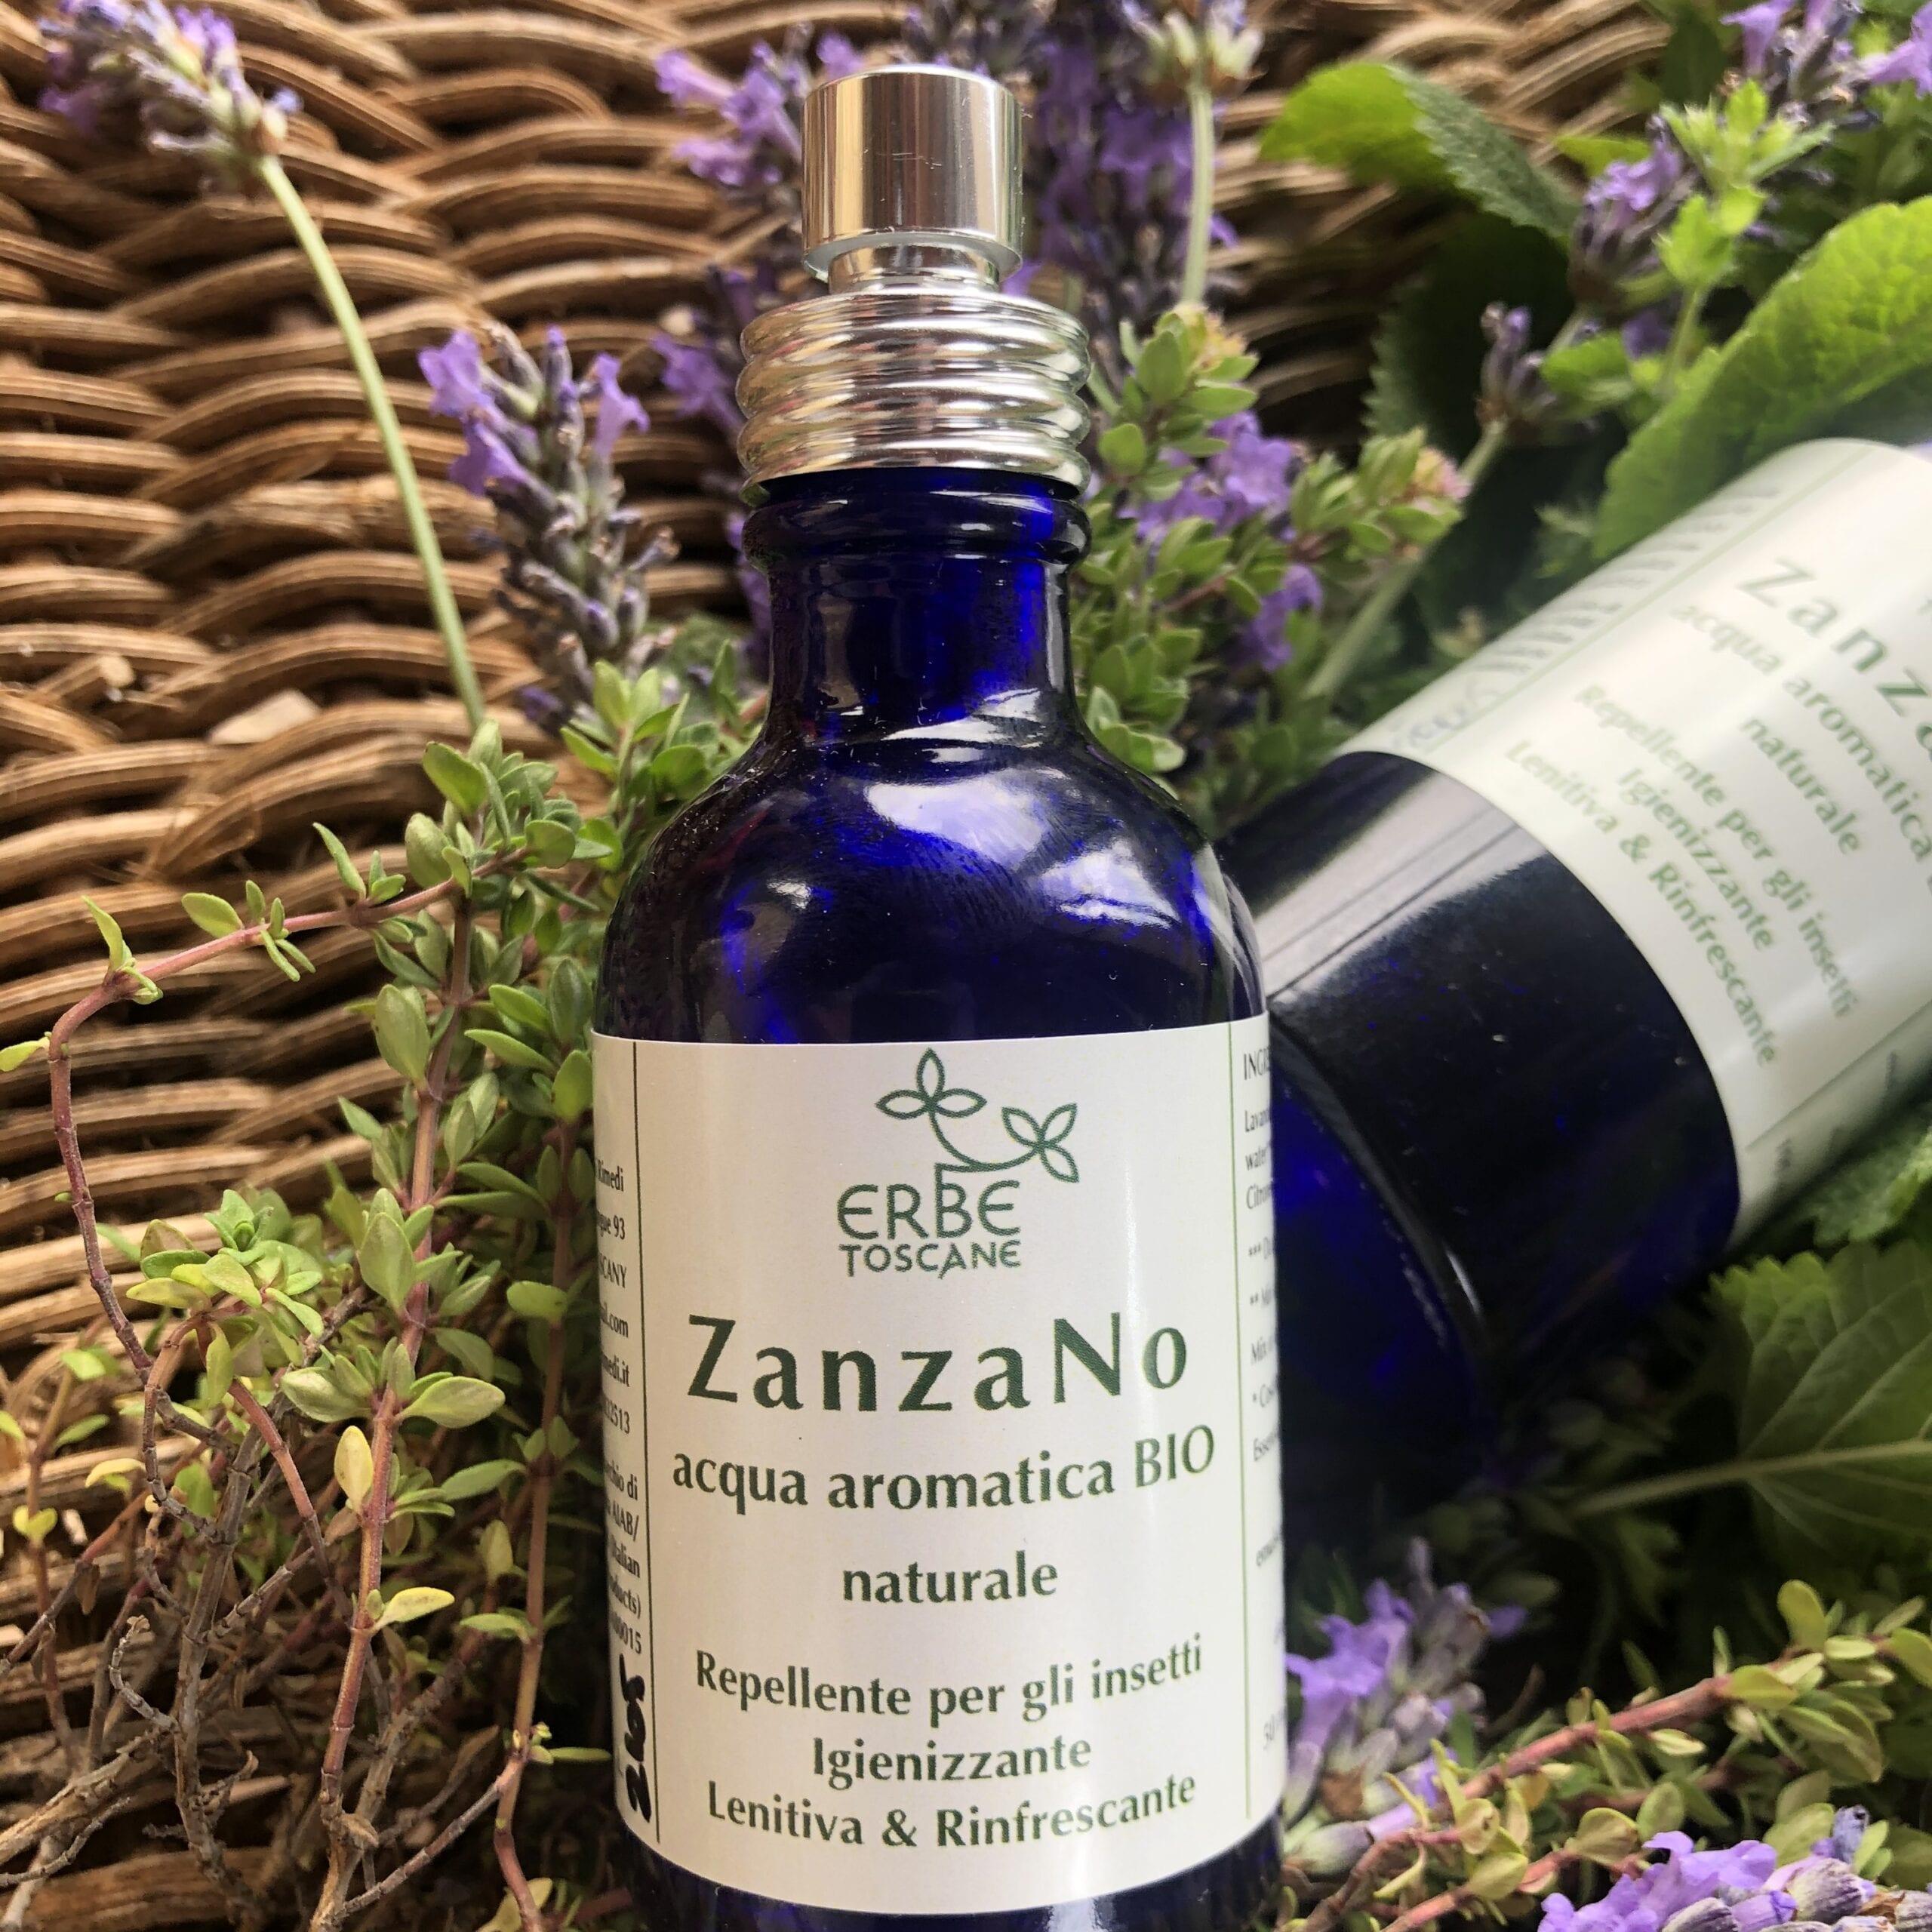 Acqua Aromatica BIO ZanzaNo 100ml